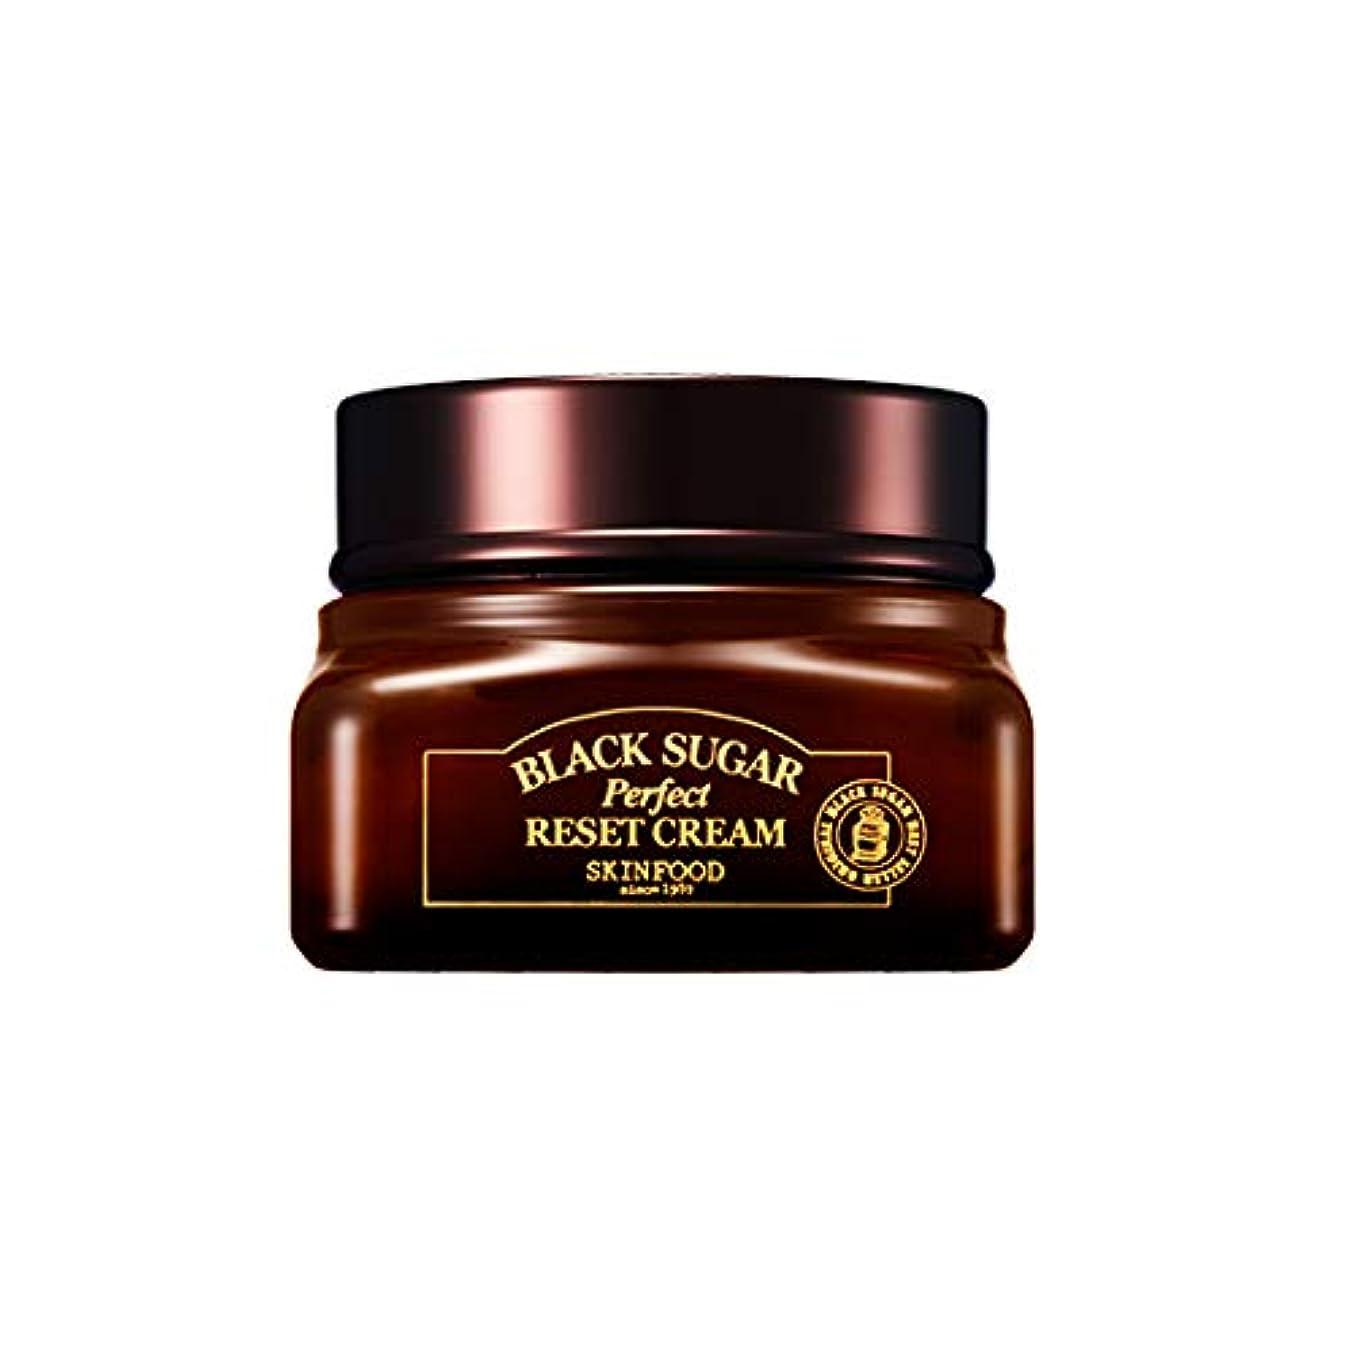 文献ペンフレンド真珠のようなSkinfood 黒糖パーフェクトリセットクリーム/Black Sugar Perpect Reset Cream 60ml [並行輸入品]